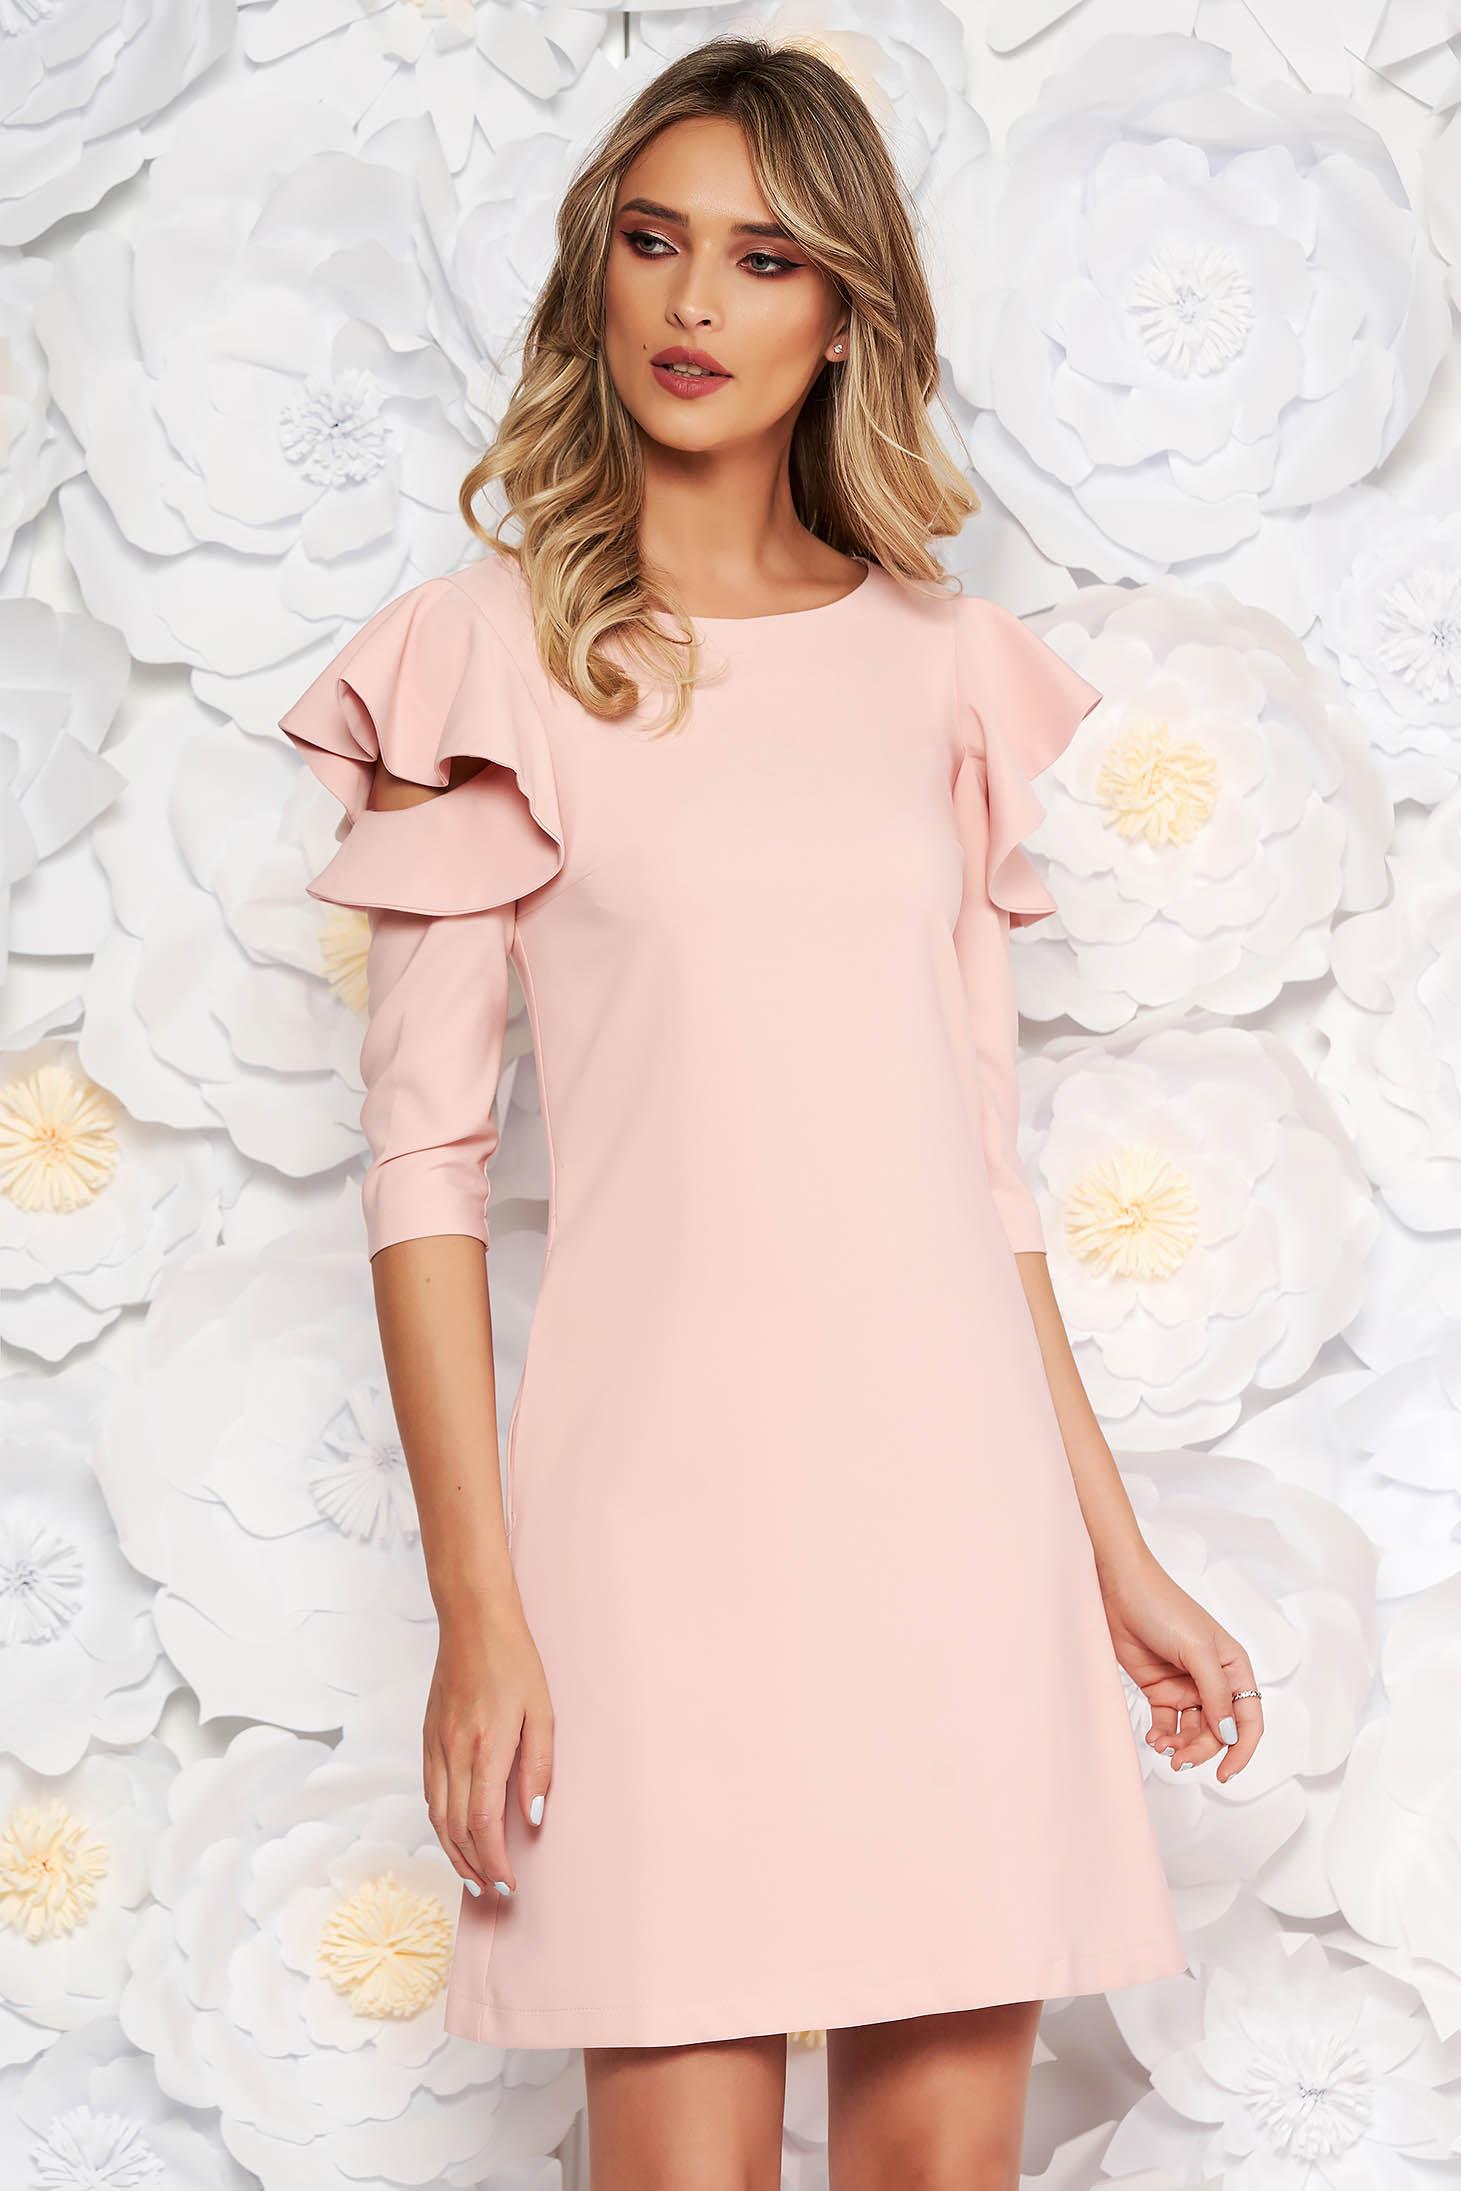 Rochie LaDonna rosa de zi cu croi in A din stofa usor elastica cu volanase la maneca